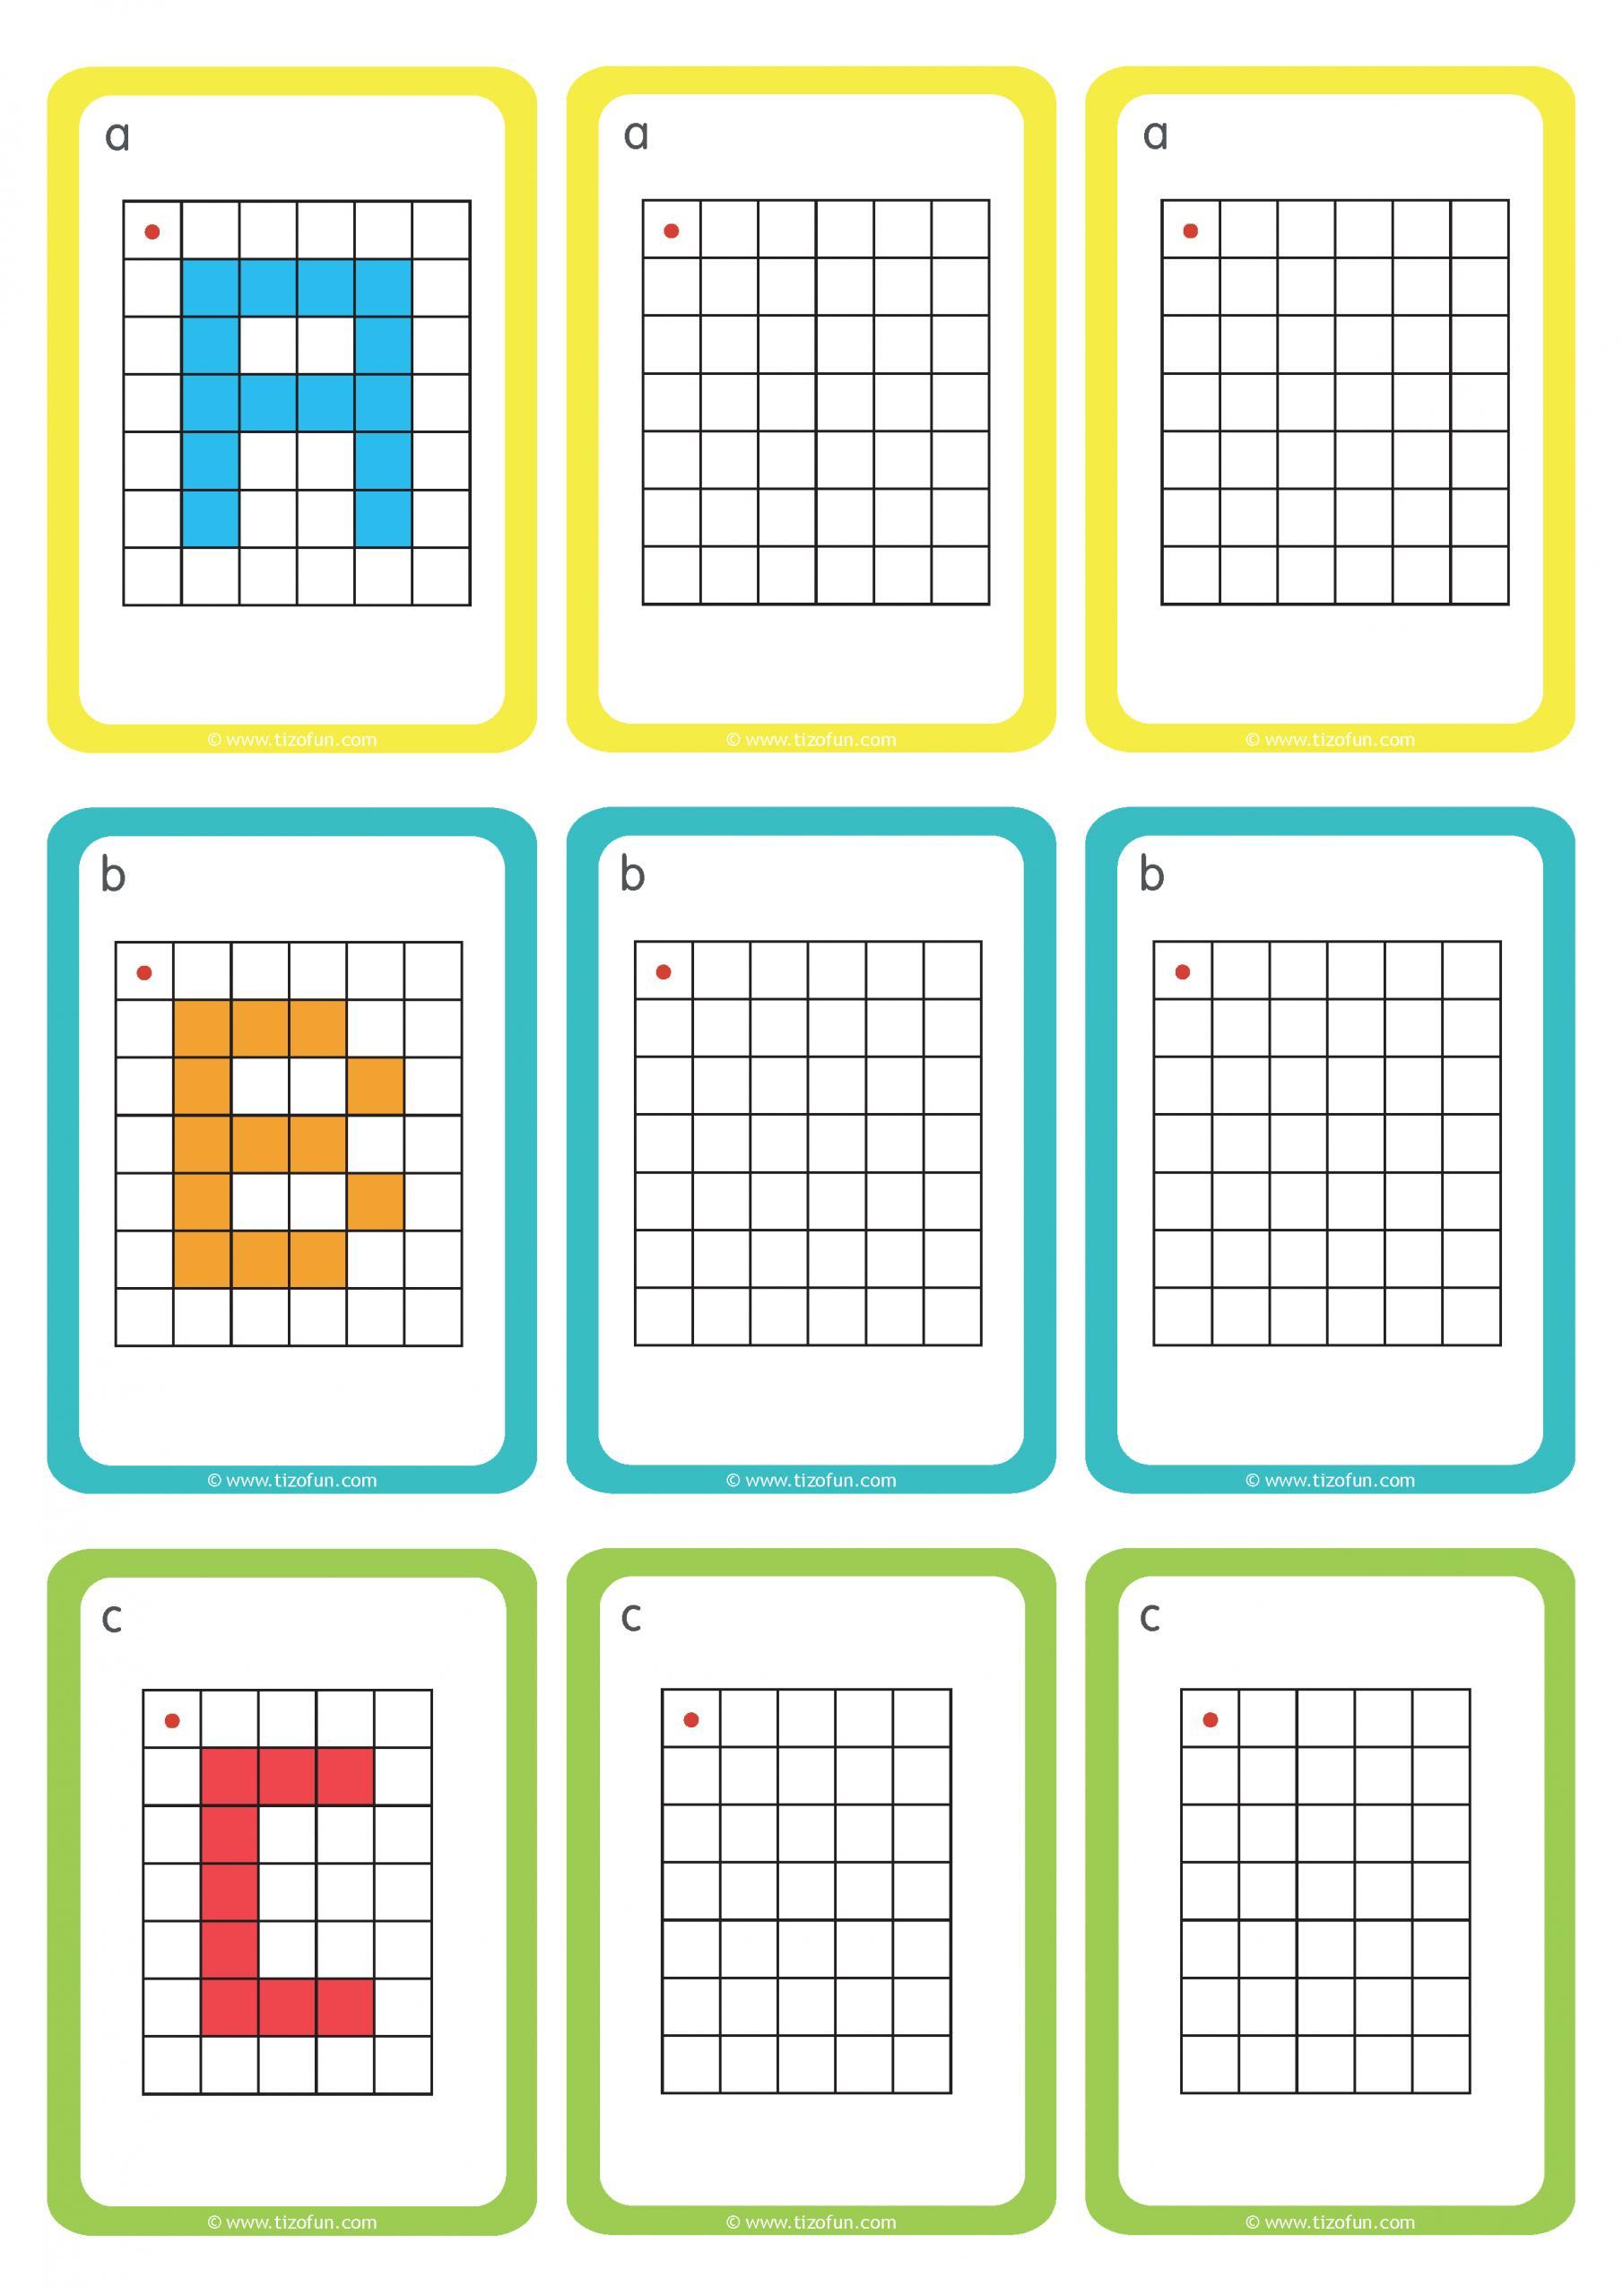 Exercice De Math Cp En Ligne Fiche Mathématique À Imprimer avec Jeux Cp À Imprimer